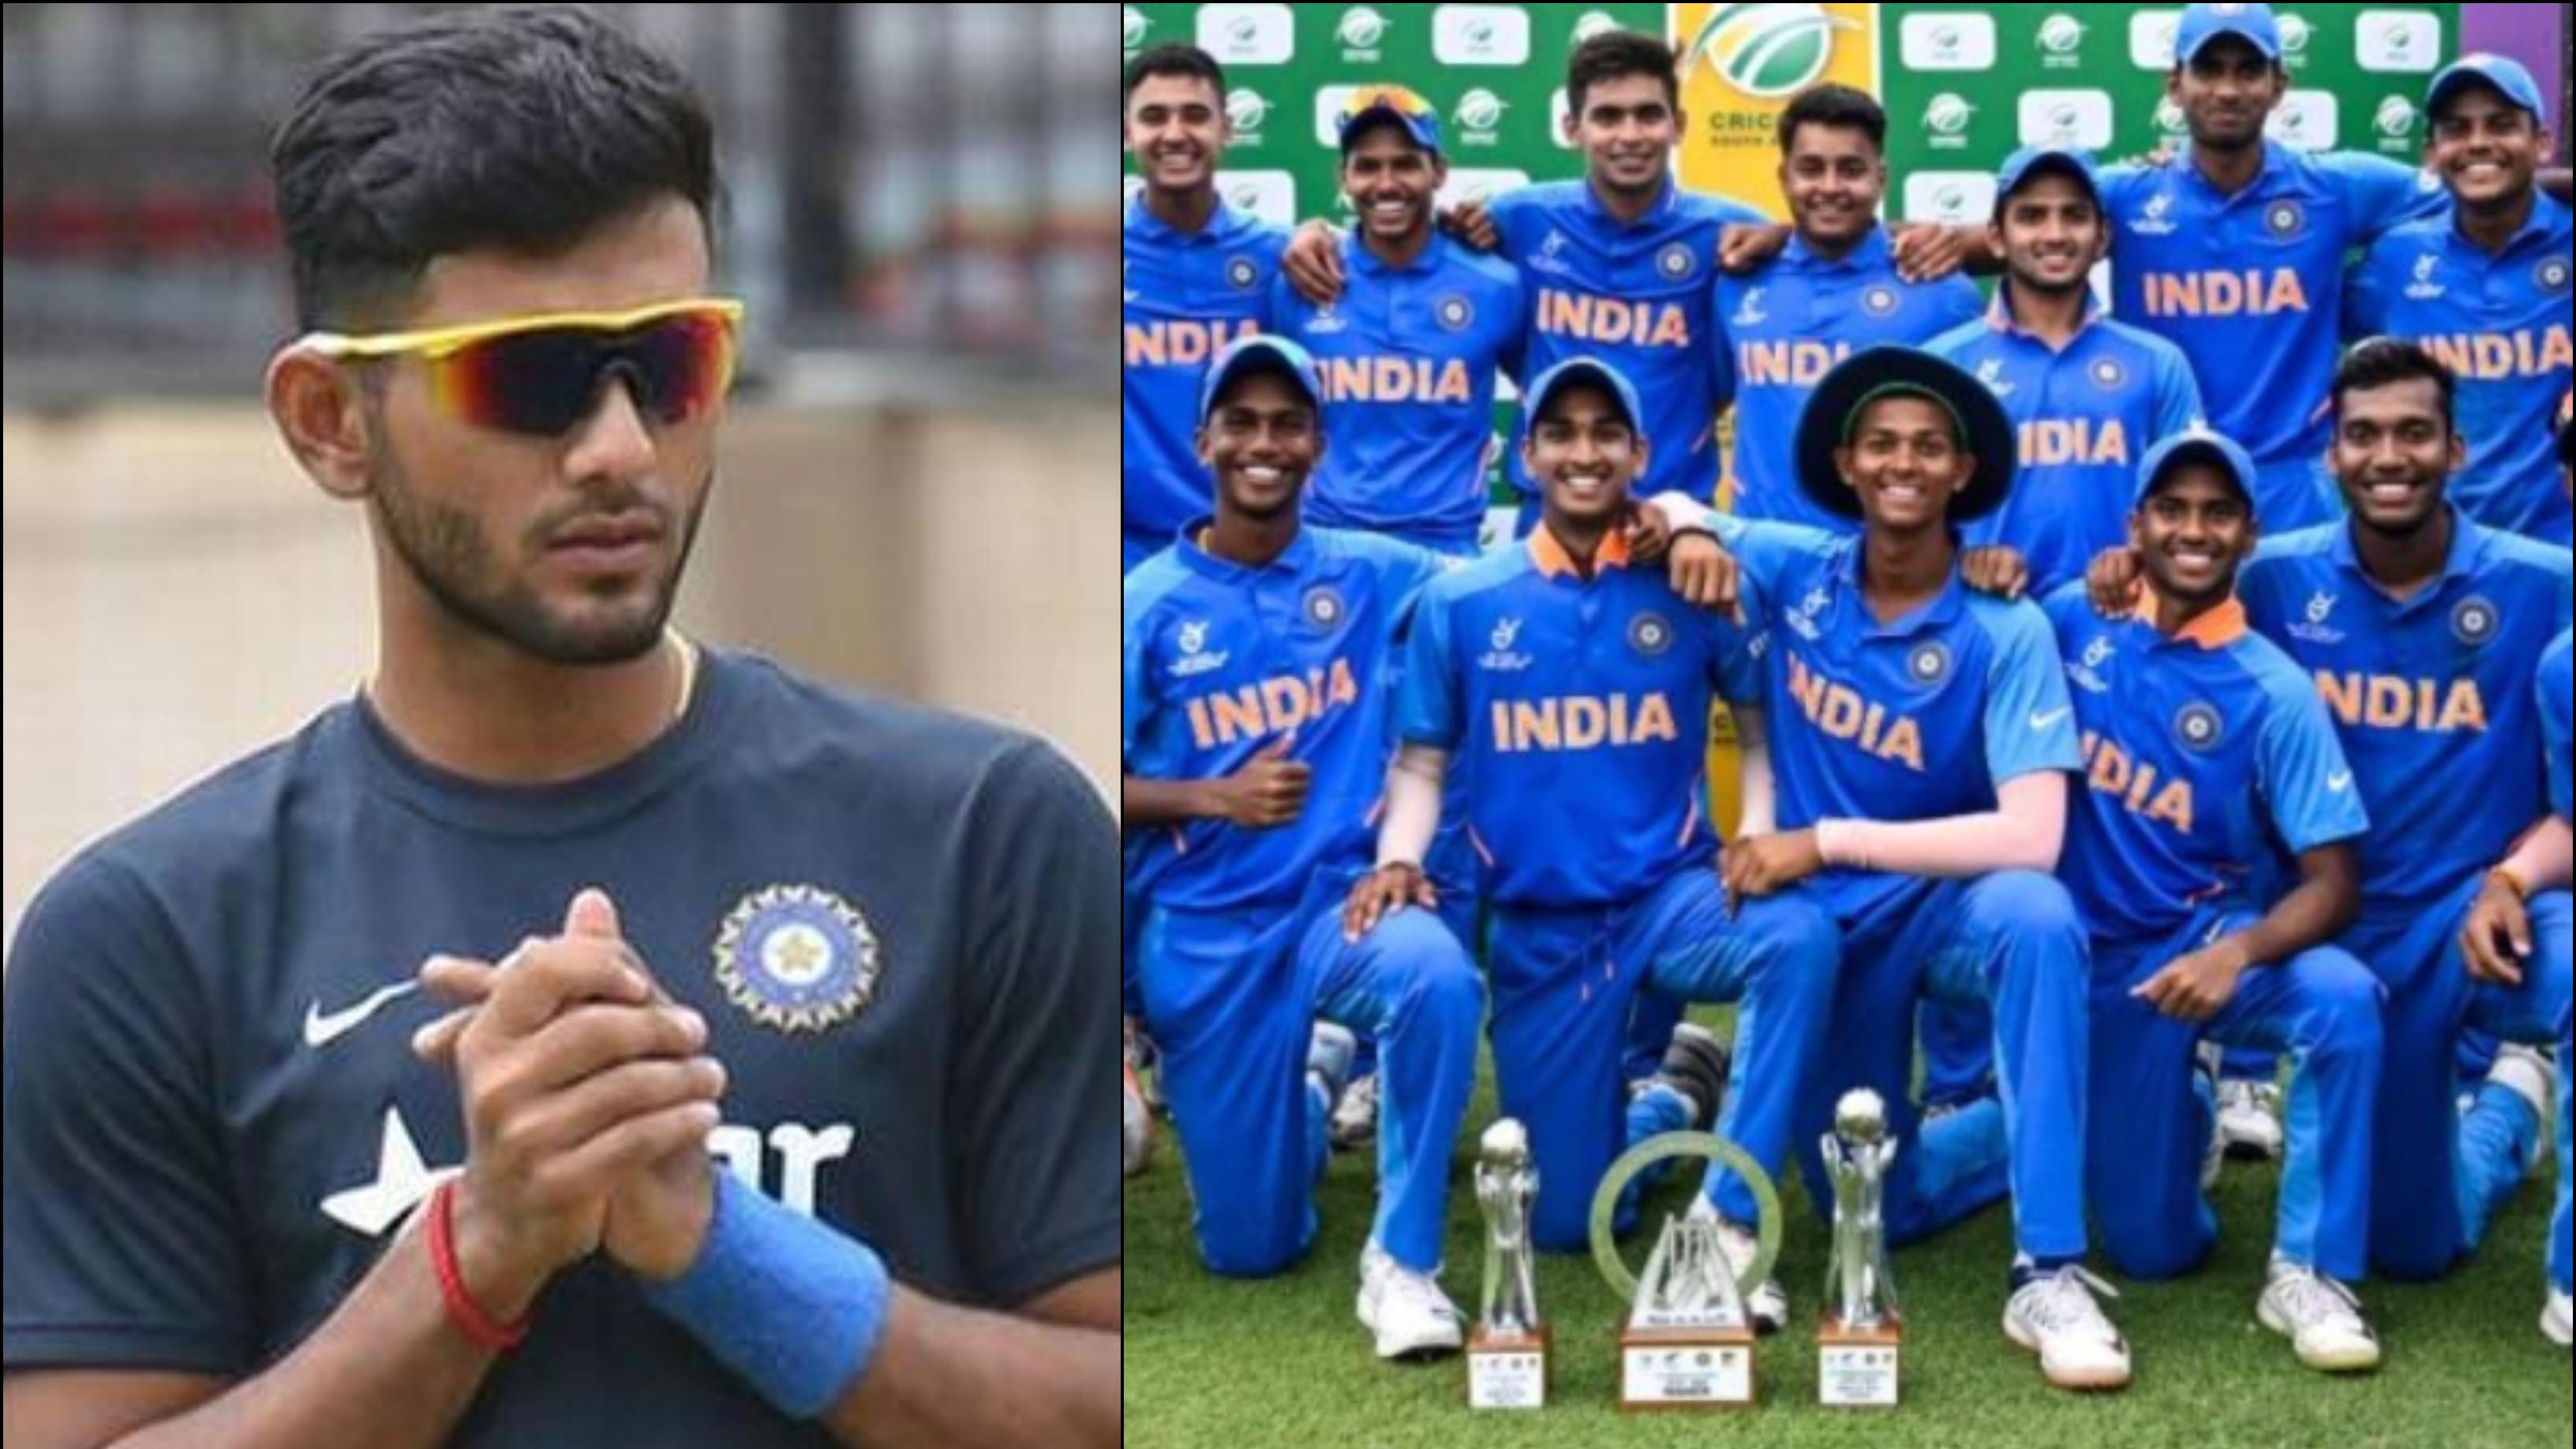 उन्मुक्त चन्द ने भारत की अंडर-19 टीम को आईसीसी अंडर-19 विश्वकप से पहले दी ये खास सलाह